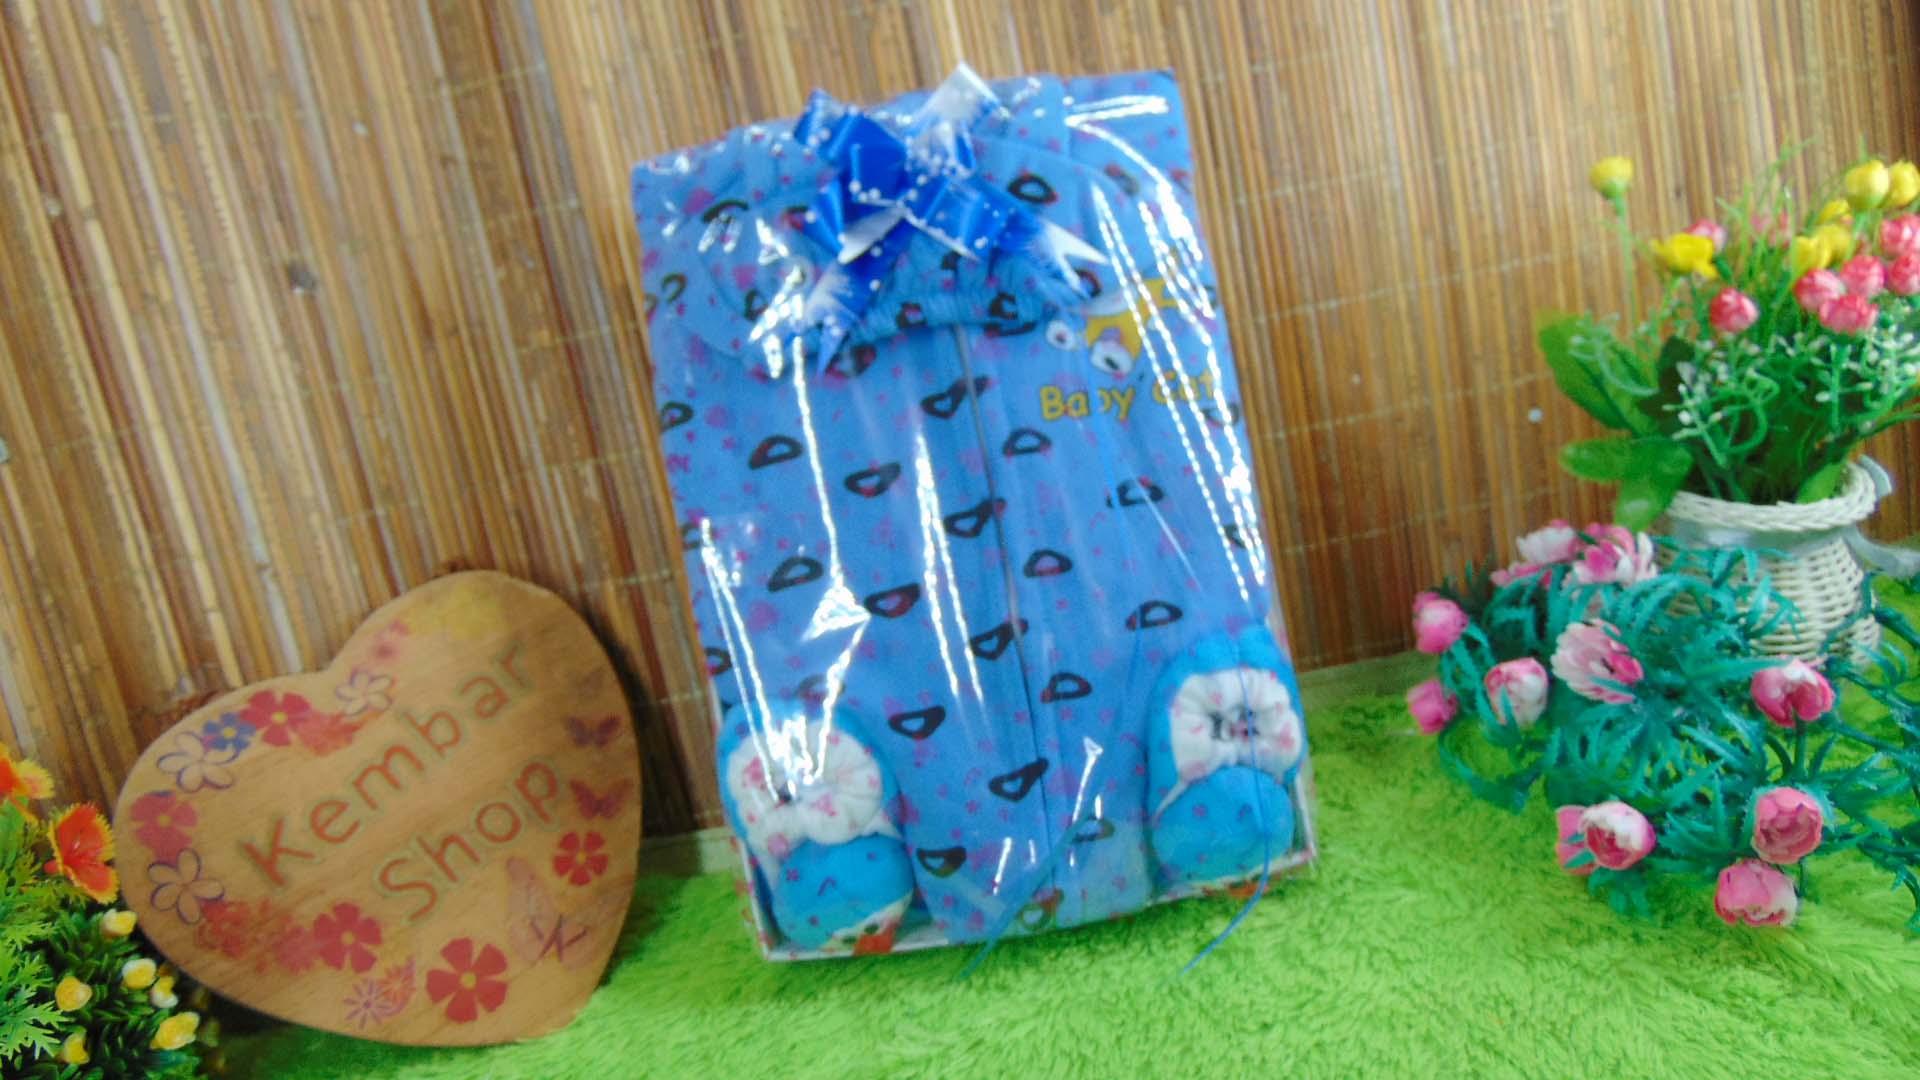 FREE KARTU UCAPAN paket kado lahiran bayi baby gift set box jaket BABY CAT plus sepatu boneka (6)